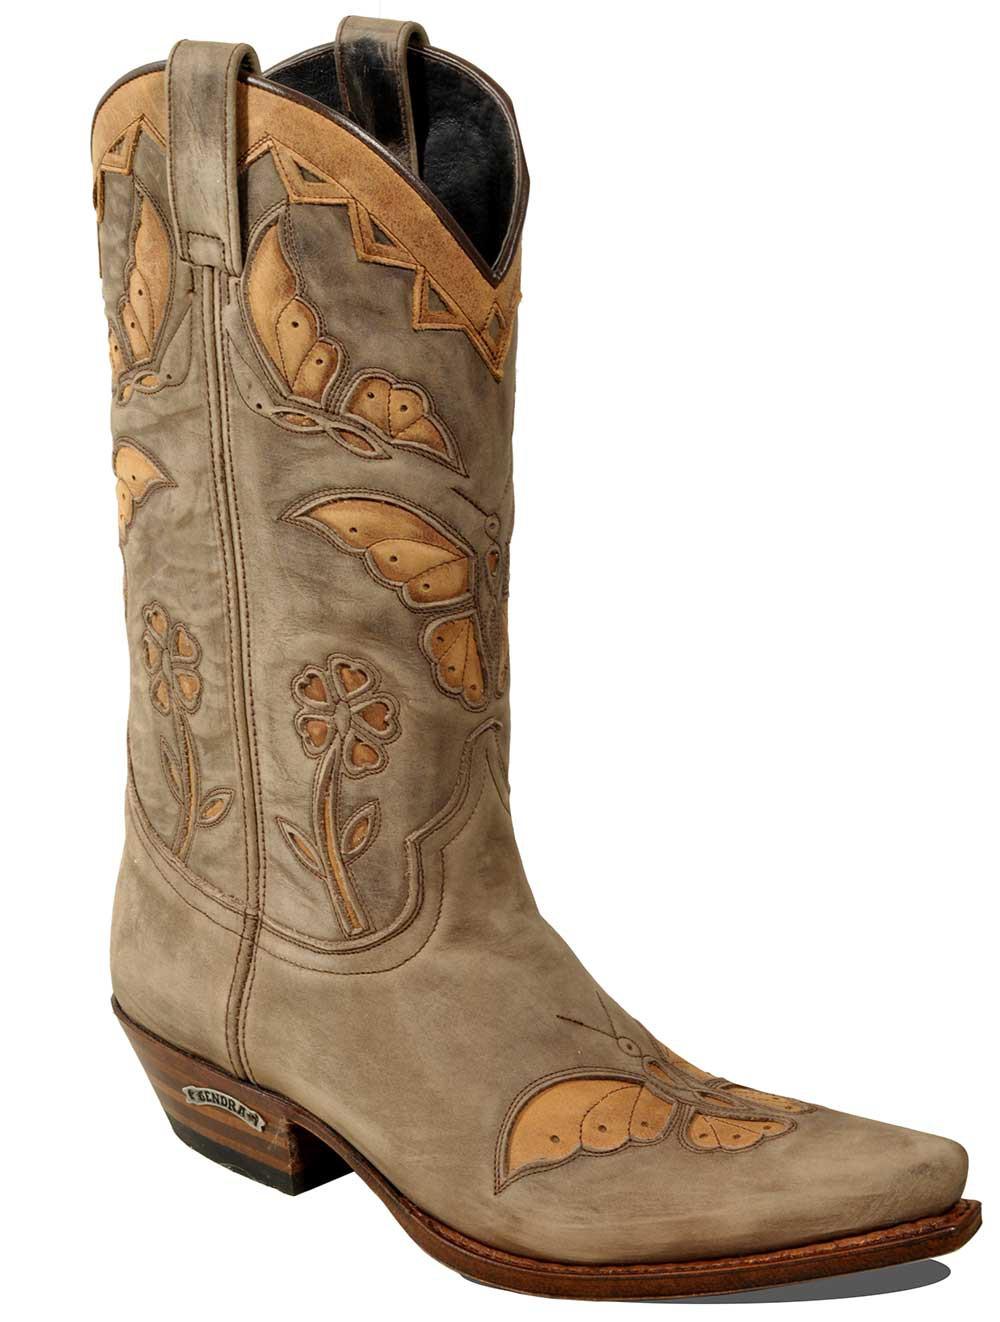 sendra boots 12969 dark taube ndyqmze